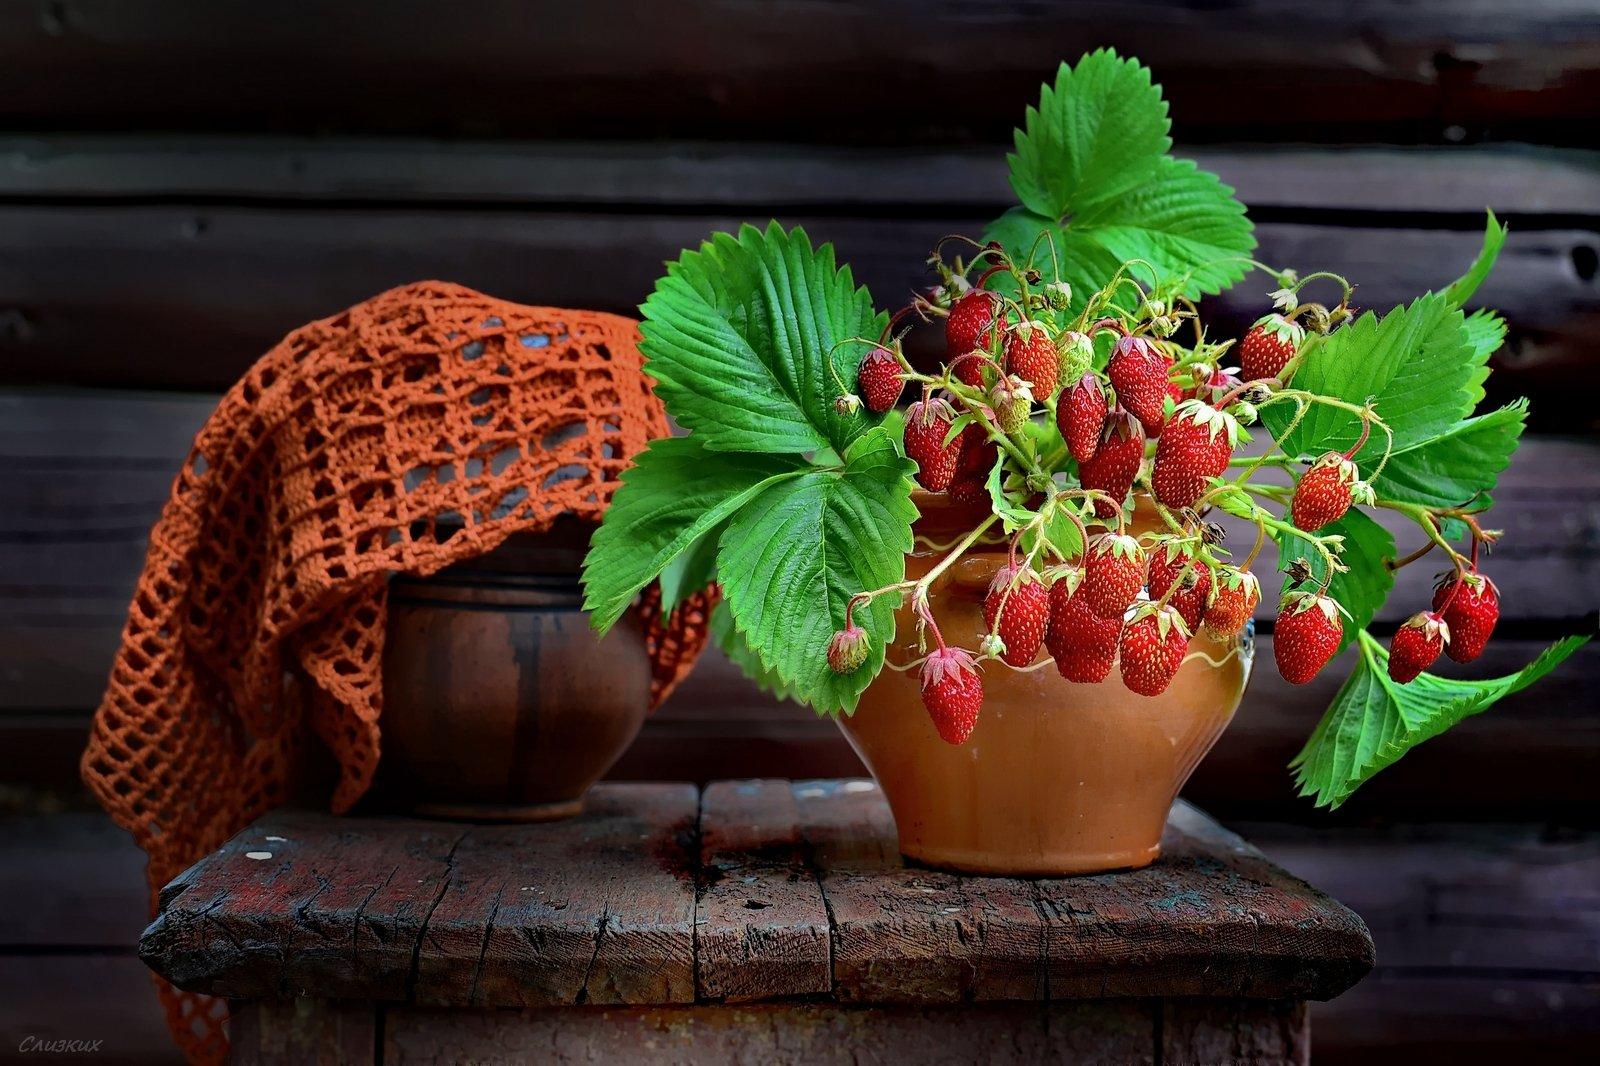 натюрморт, лето, аромат,клубника,ягода, крынка,табурет,горшочек, Инаида